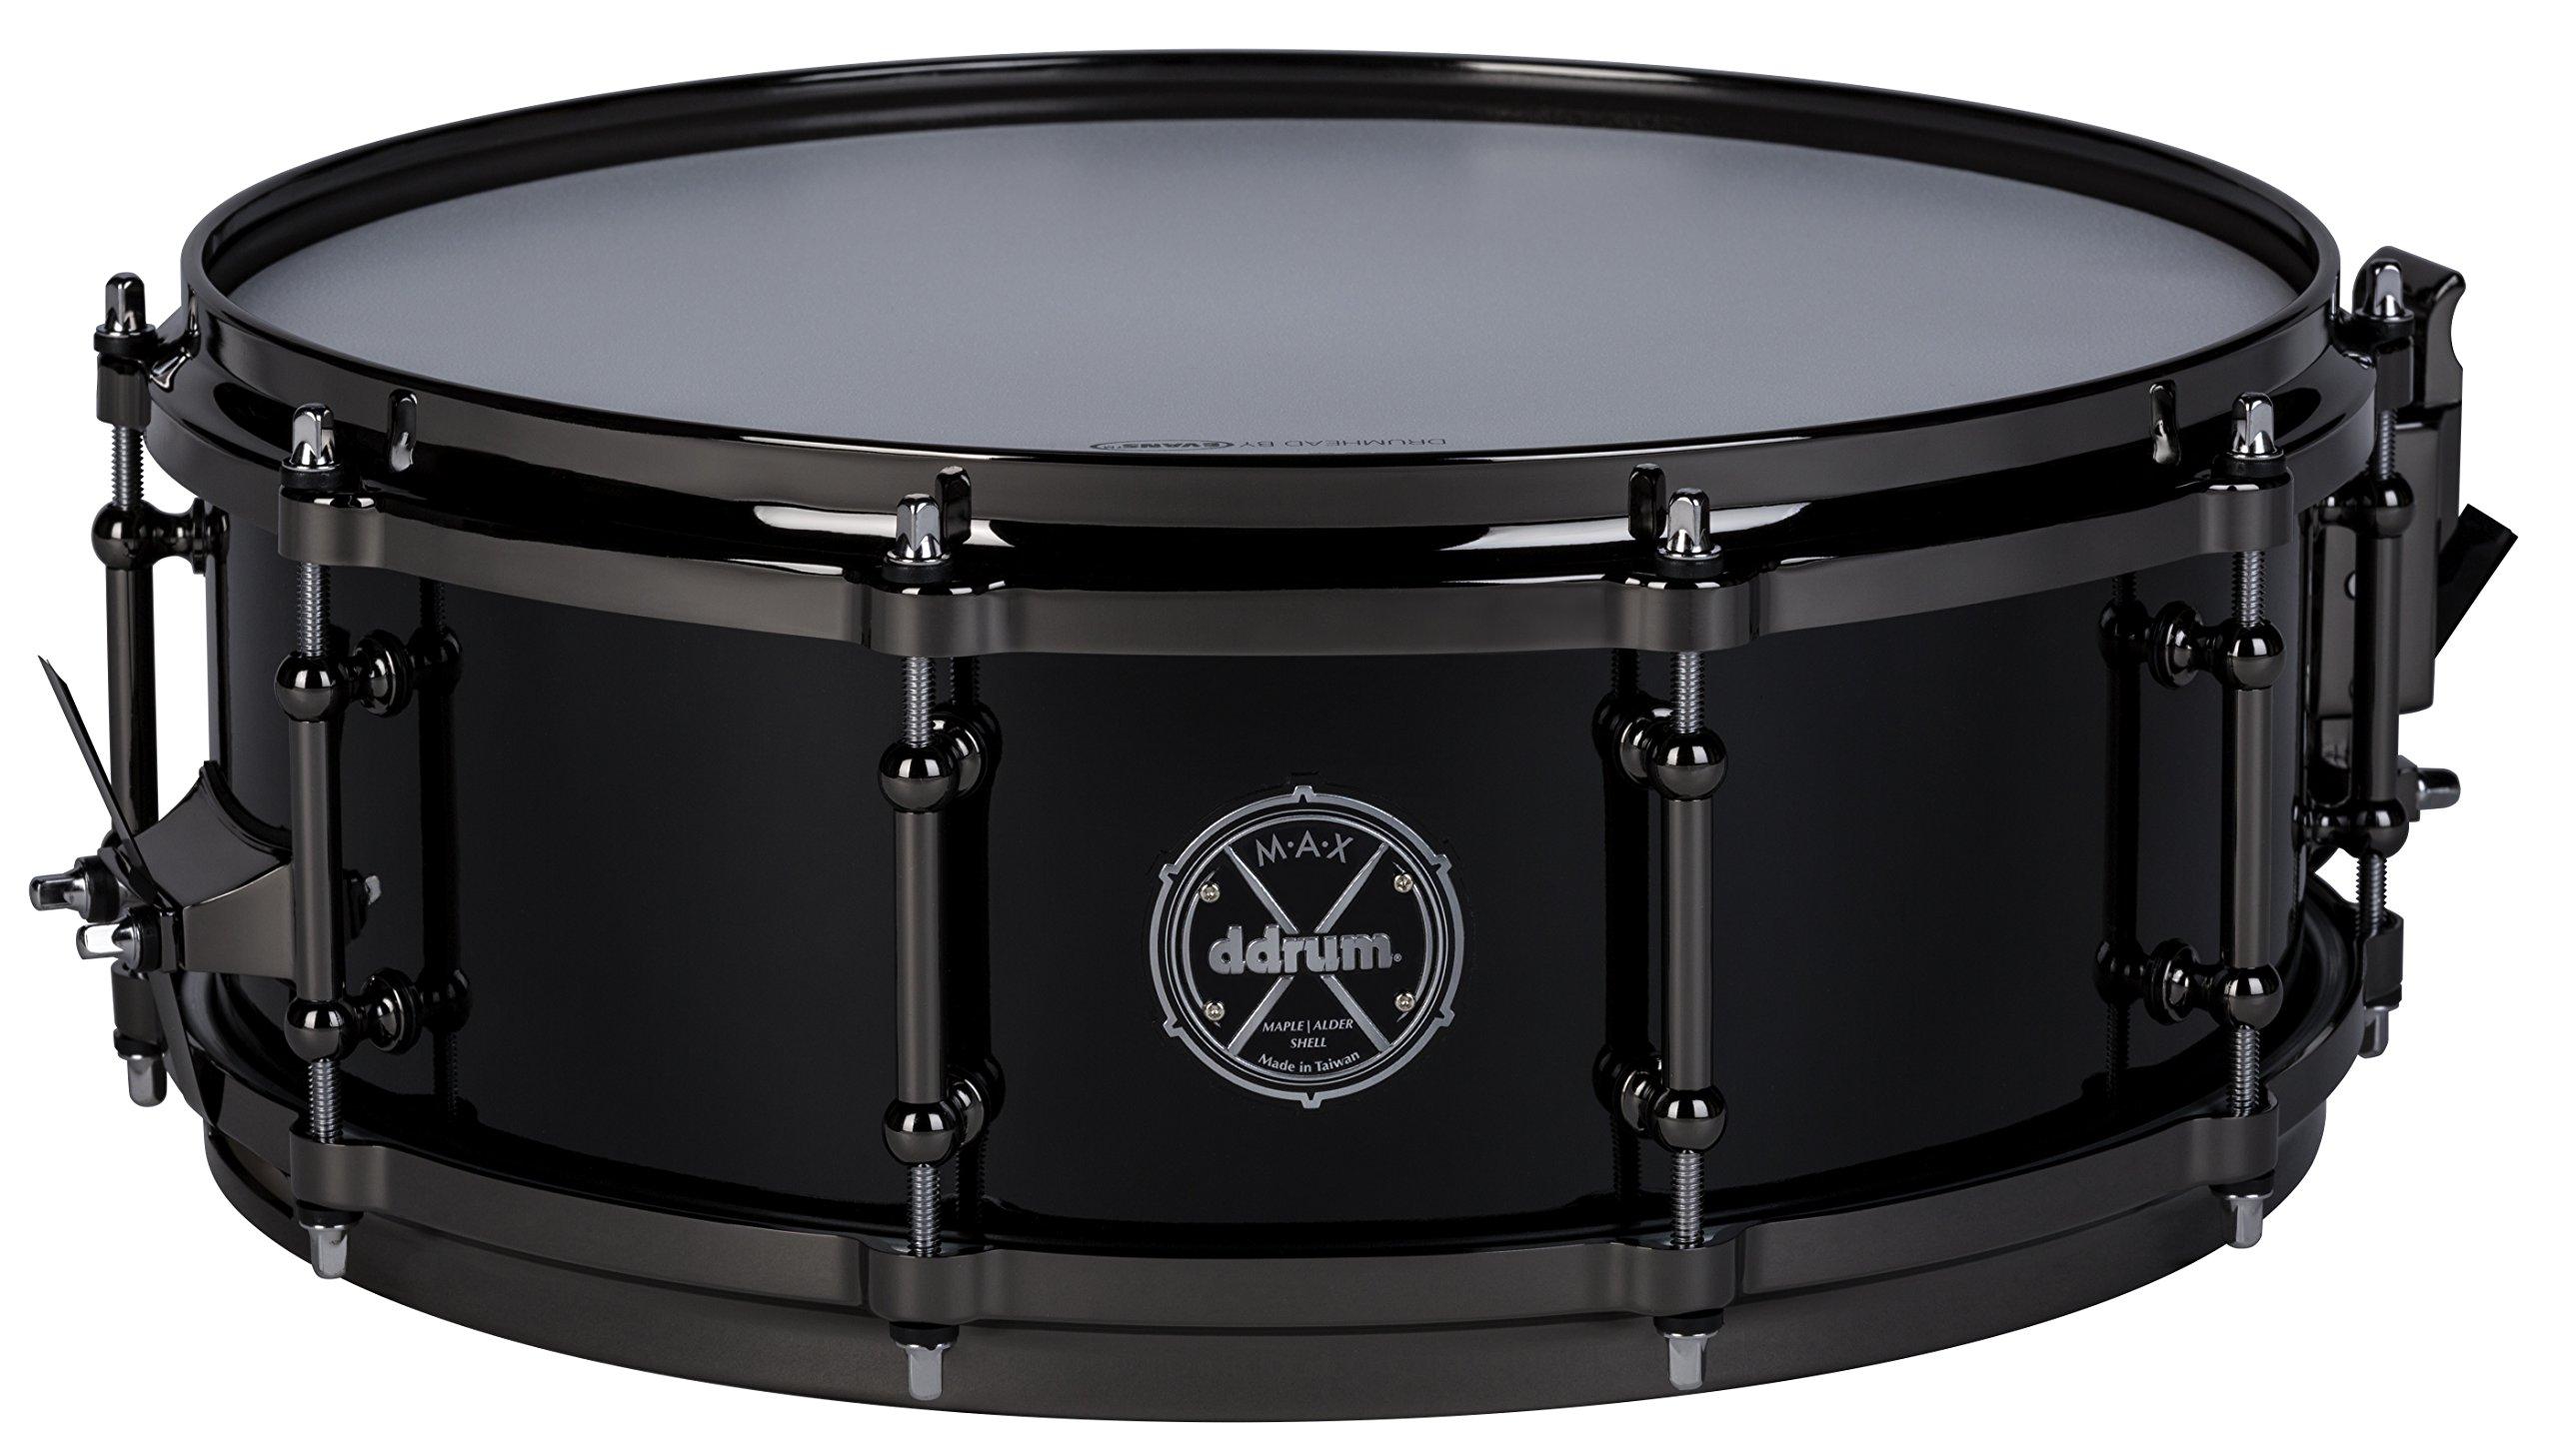 ddrum MAX Series 5x14 Snare Drum-Piano Black (MAXSD5X14PB by Ddrum